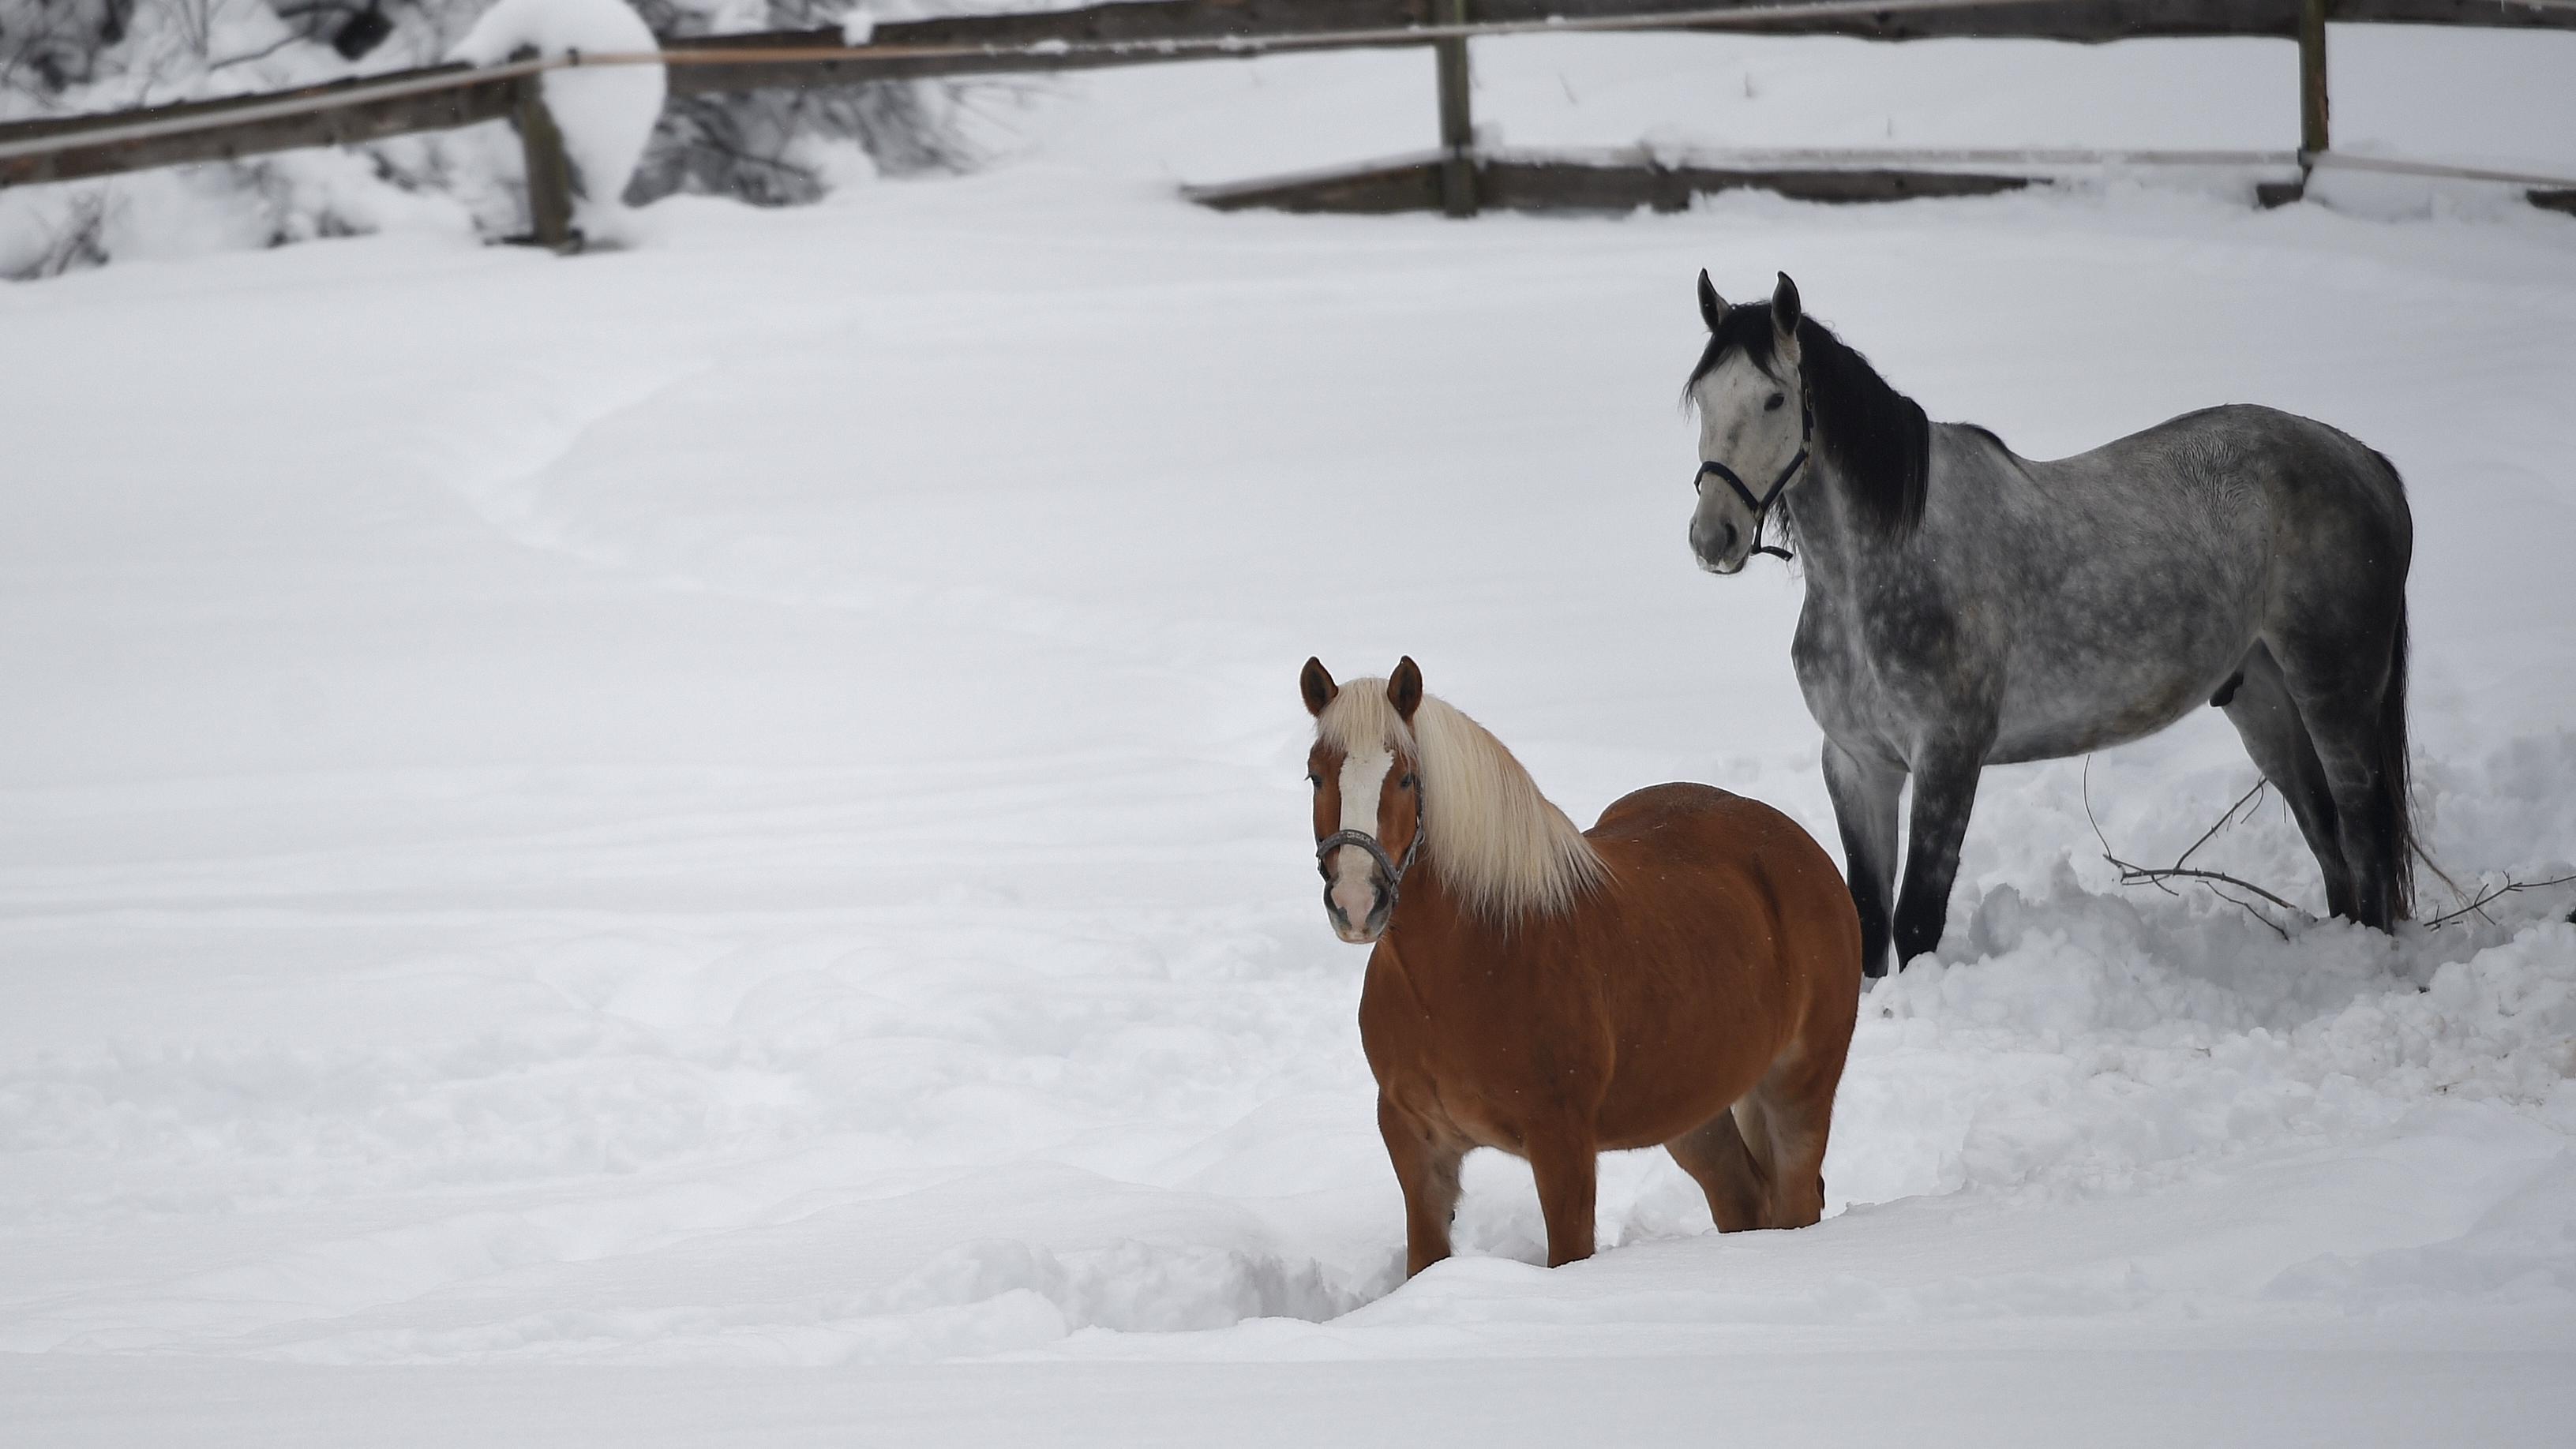 In Garmisch-Partenkirchen stehen die Pferde im Schnee auf der Weide. Die Tiere sind robust und haben ein dickes Winterfell.